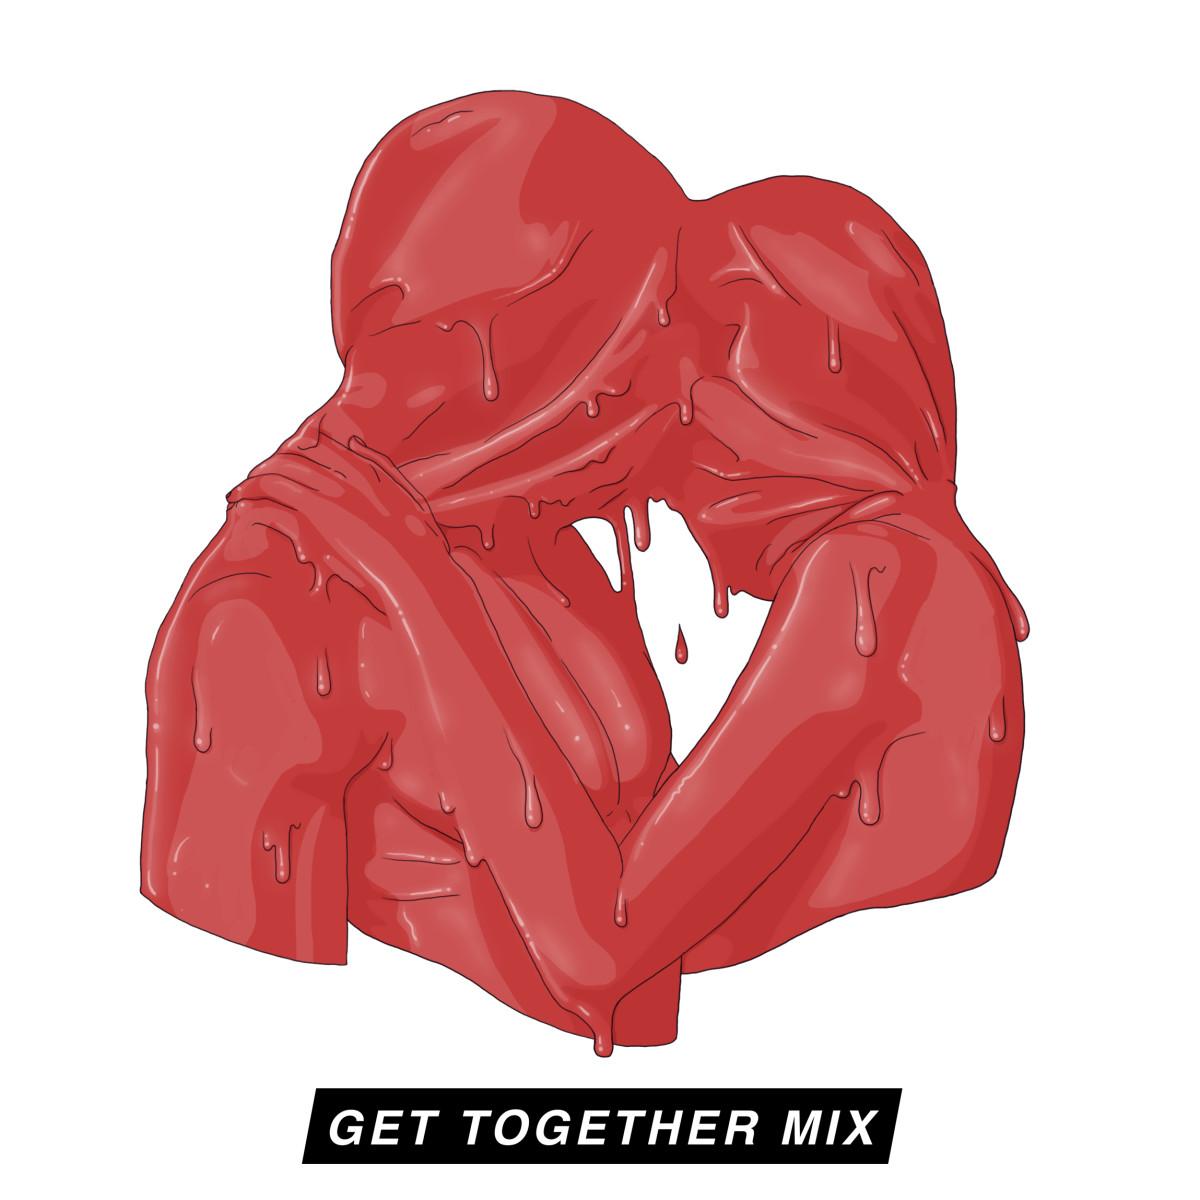 get together mix artwork